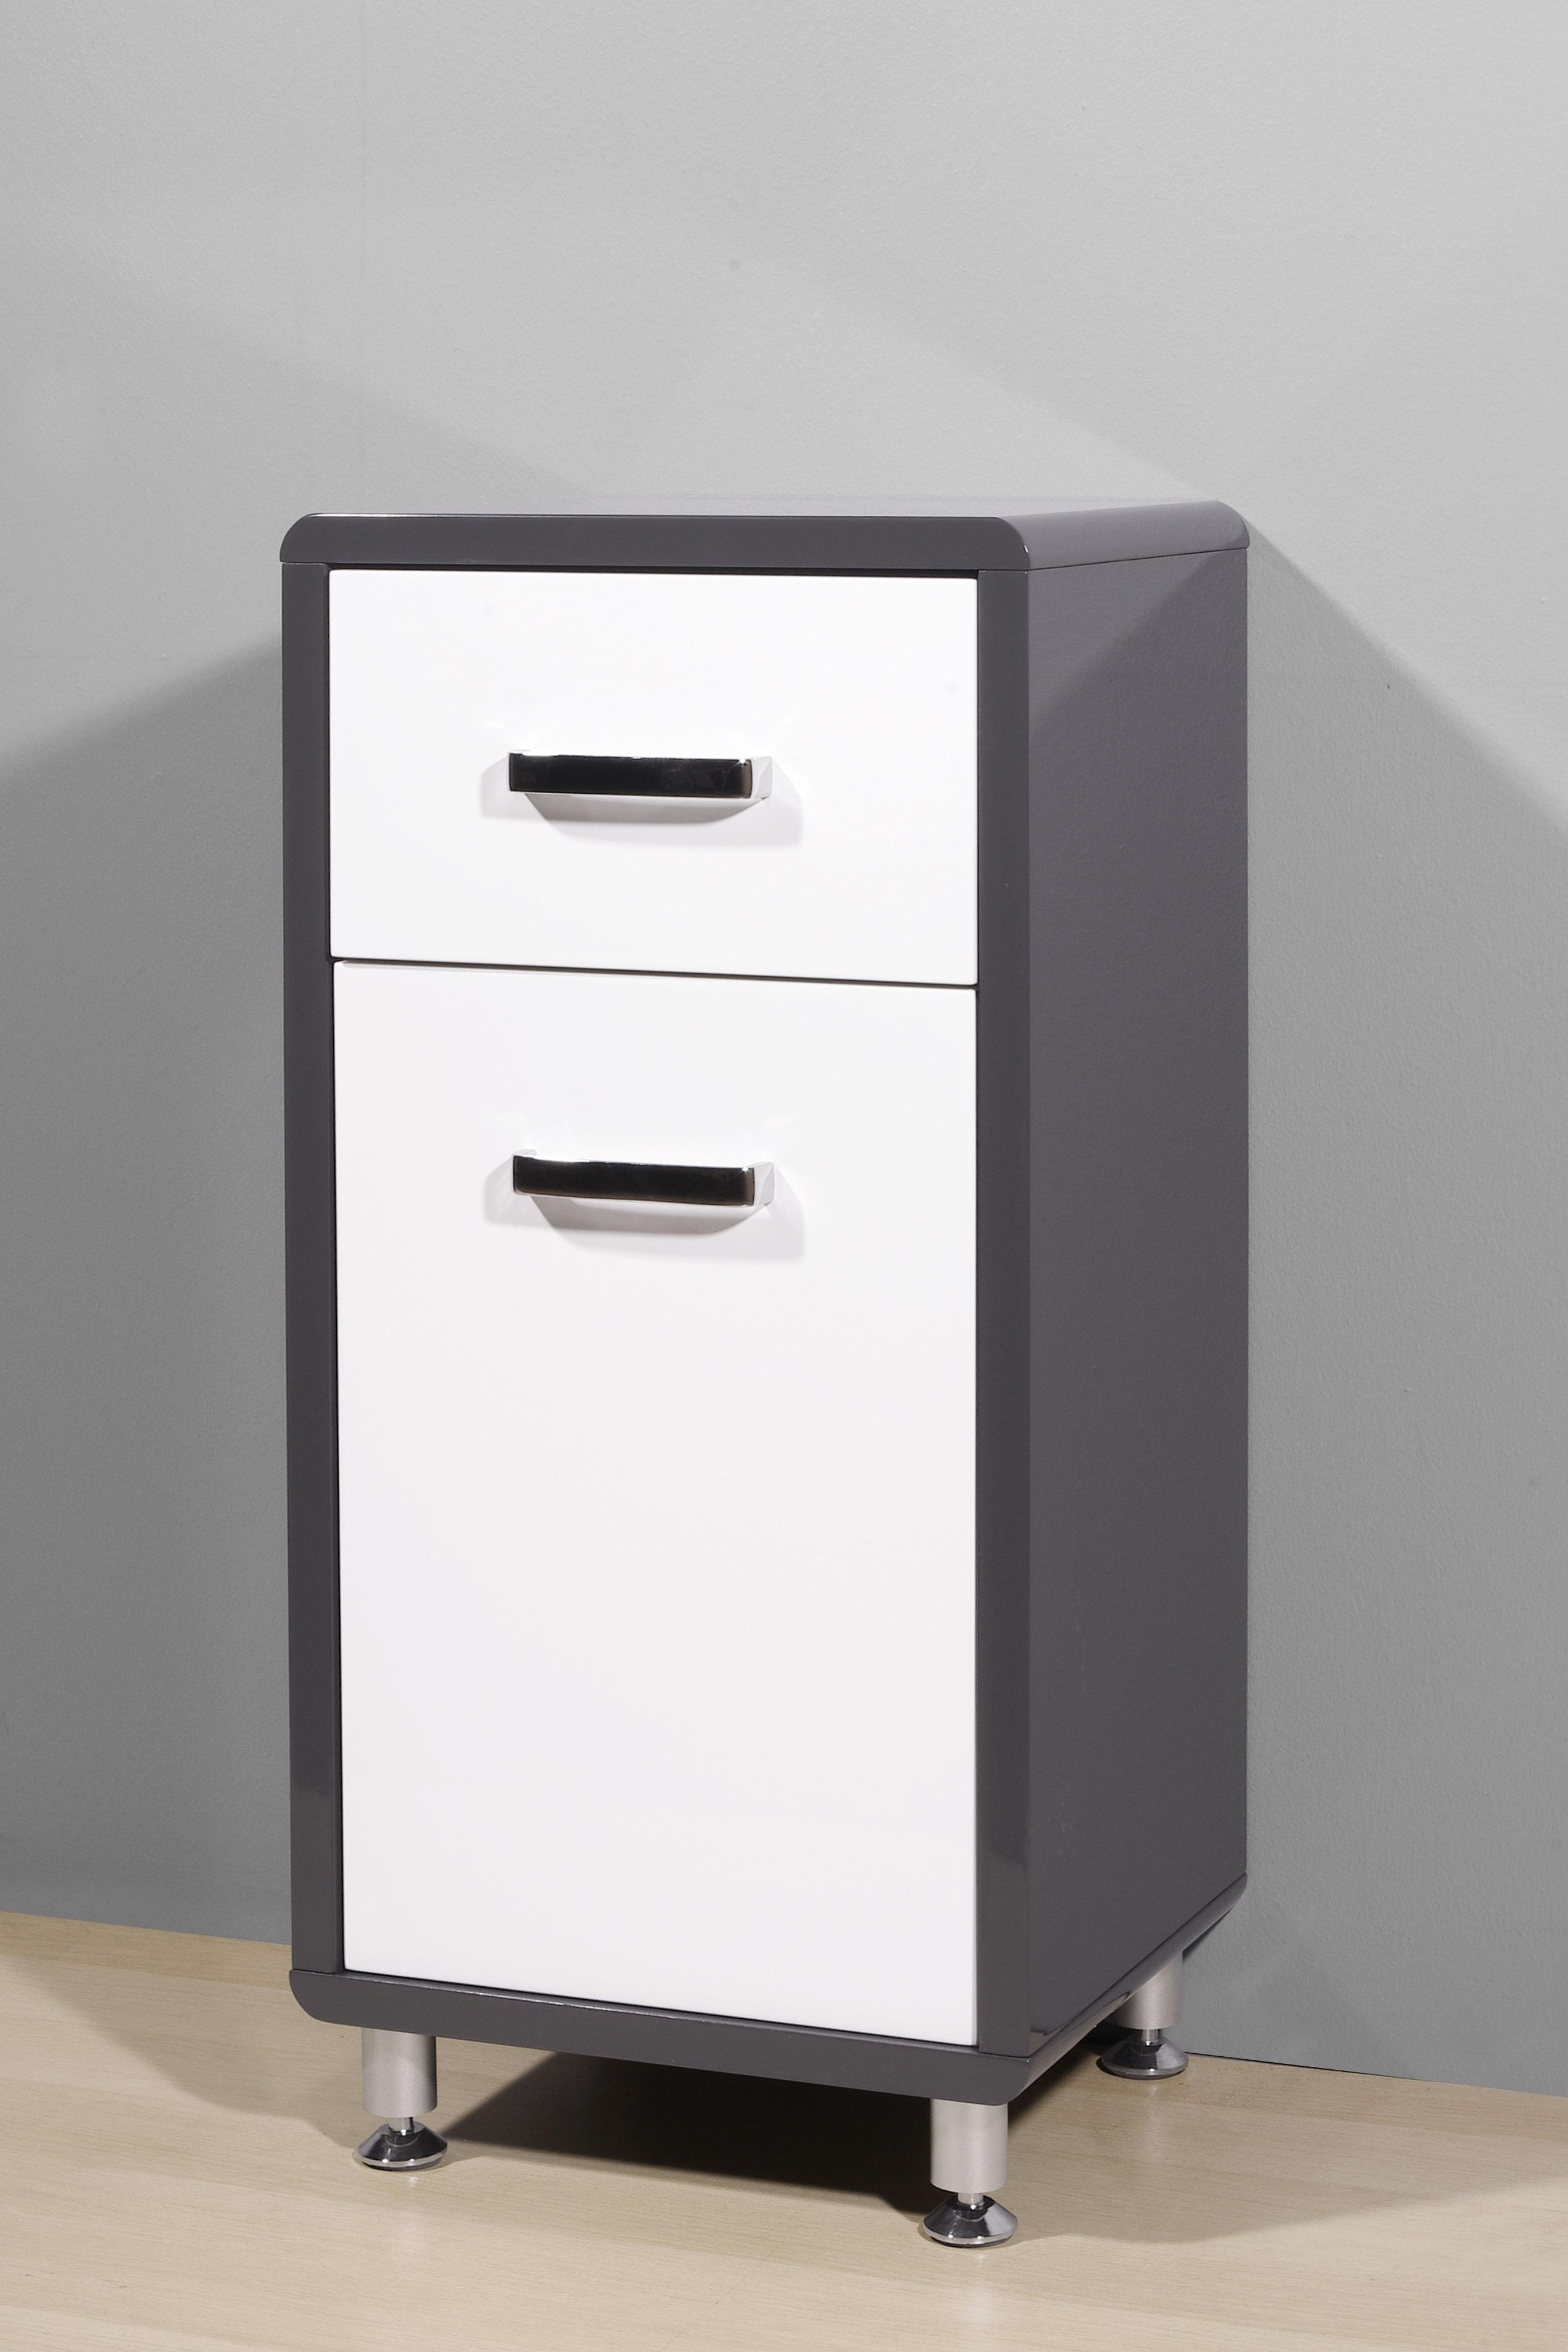 badm bel hochschrank h ngeschrank badkommode spiegelschrank anthrazit wei grau ebay. Black Bedroom Furniture Sets. Home Design Ideas